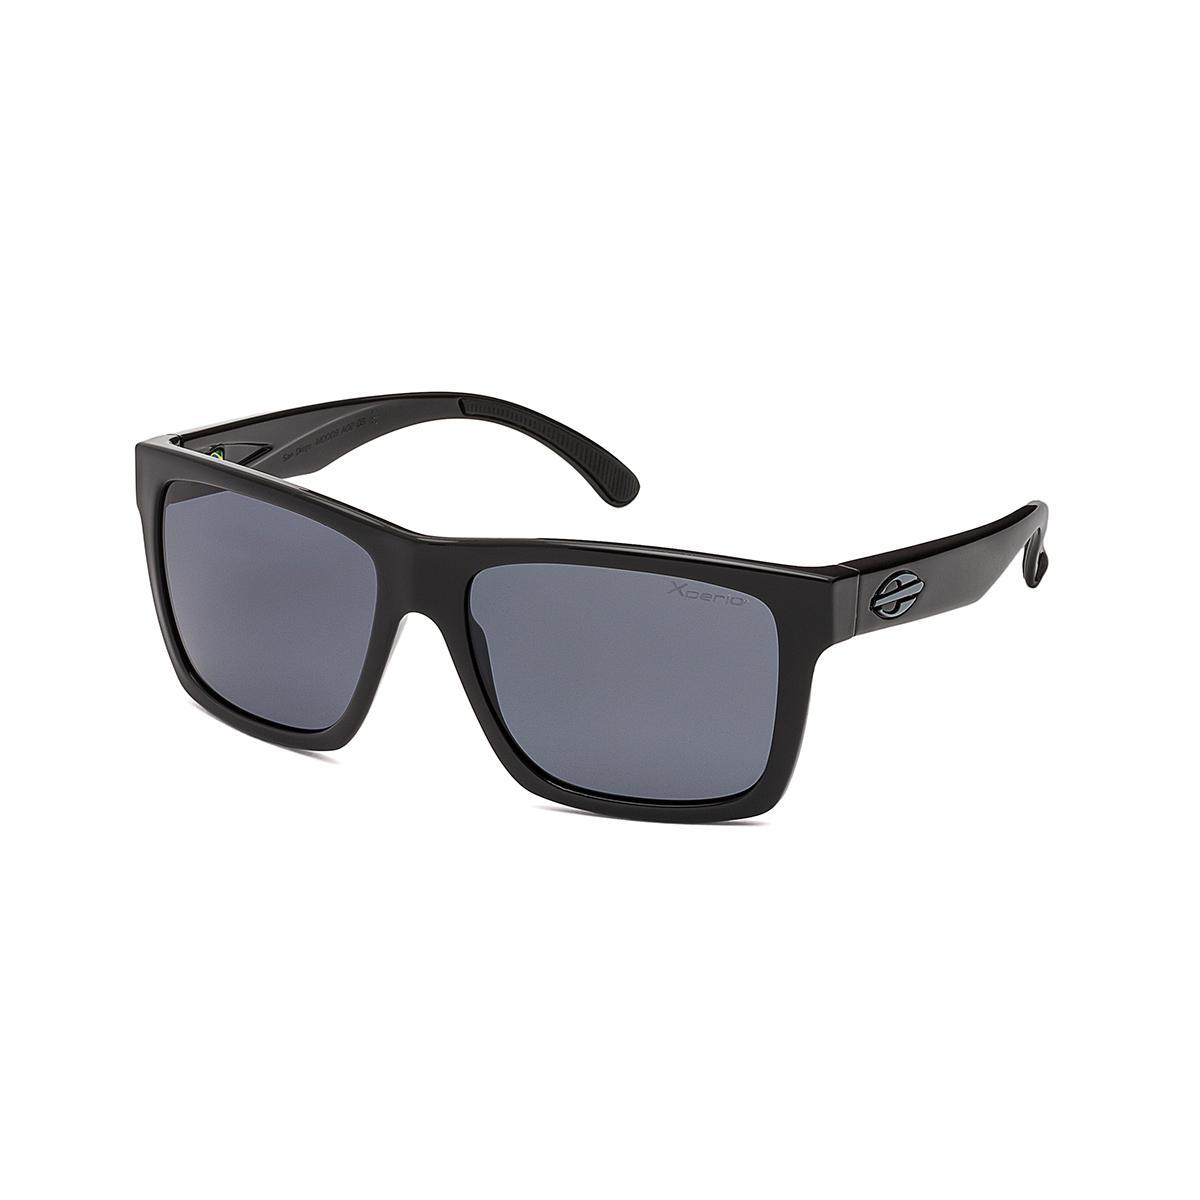 Óculos de Sol Mormaii SAN DIEGO M0009 A02 03 Preto Lente Polarizada Cinza  Tam 55 R  369,99 à vista. Adicionar à sacola 5edaf013db